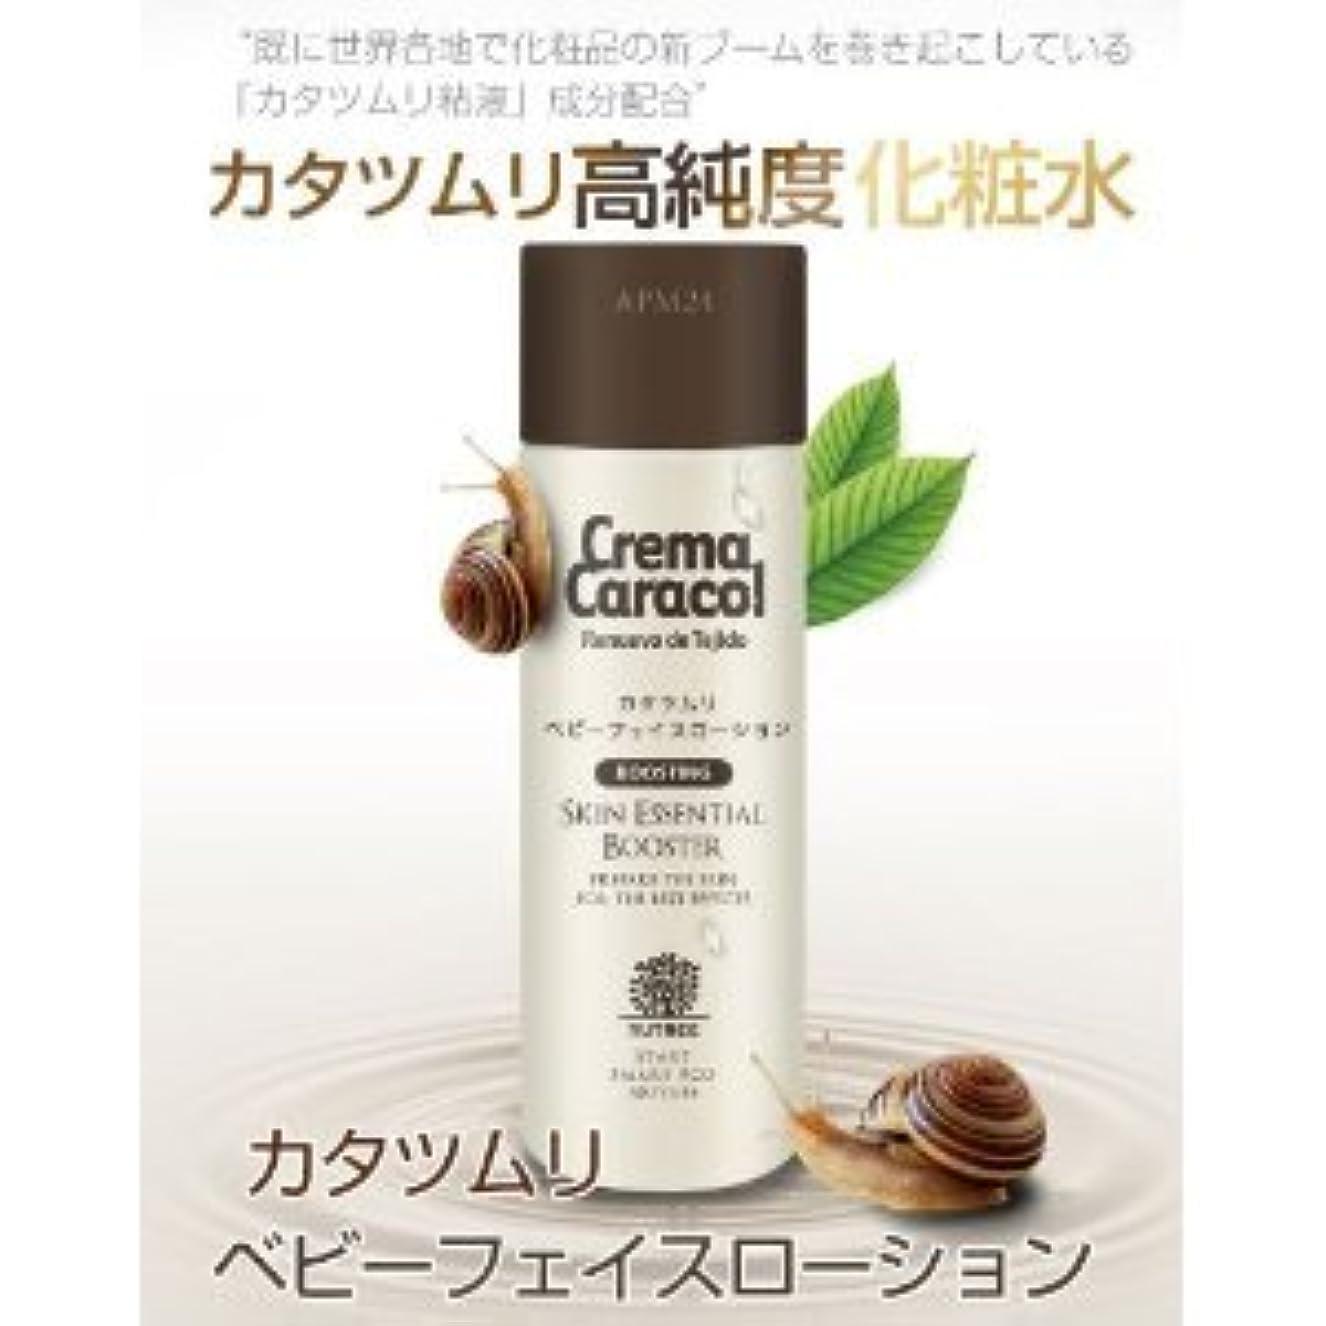 レクリエーション普遍的なcrema caracol(カラコール) ローション(化粧水) 5個セット